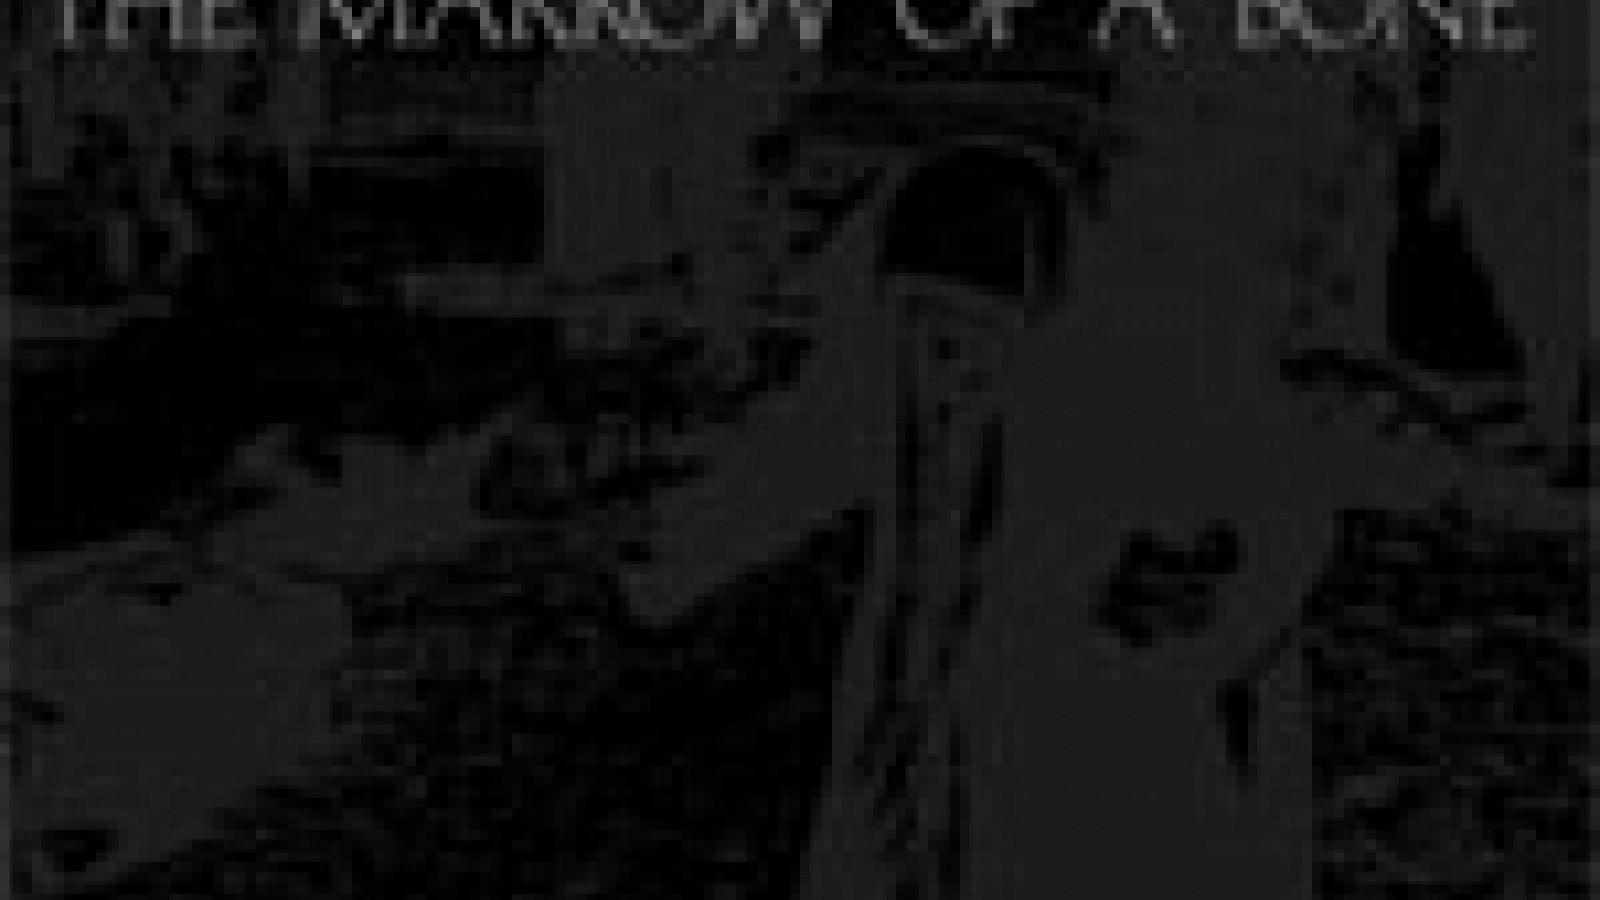 Dir en grey - The Marrow of a Bone © Dir en grey